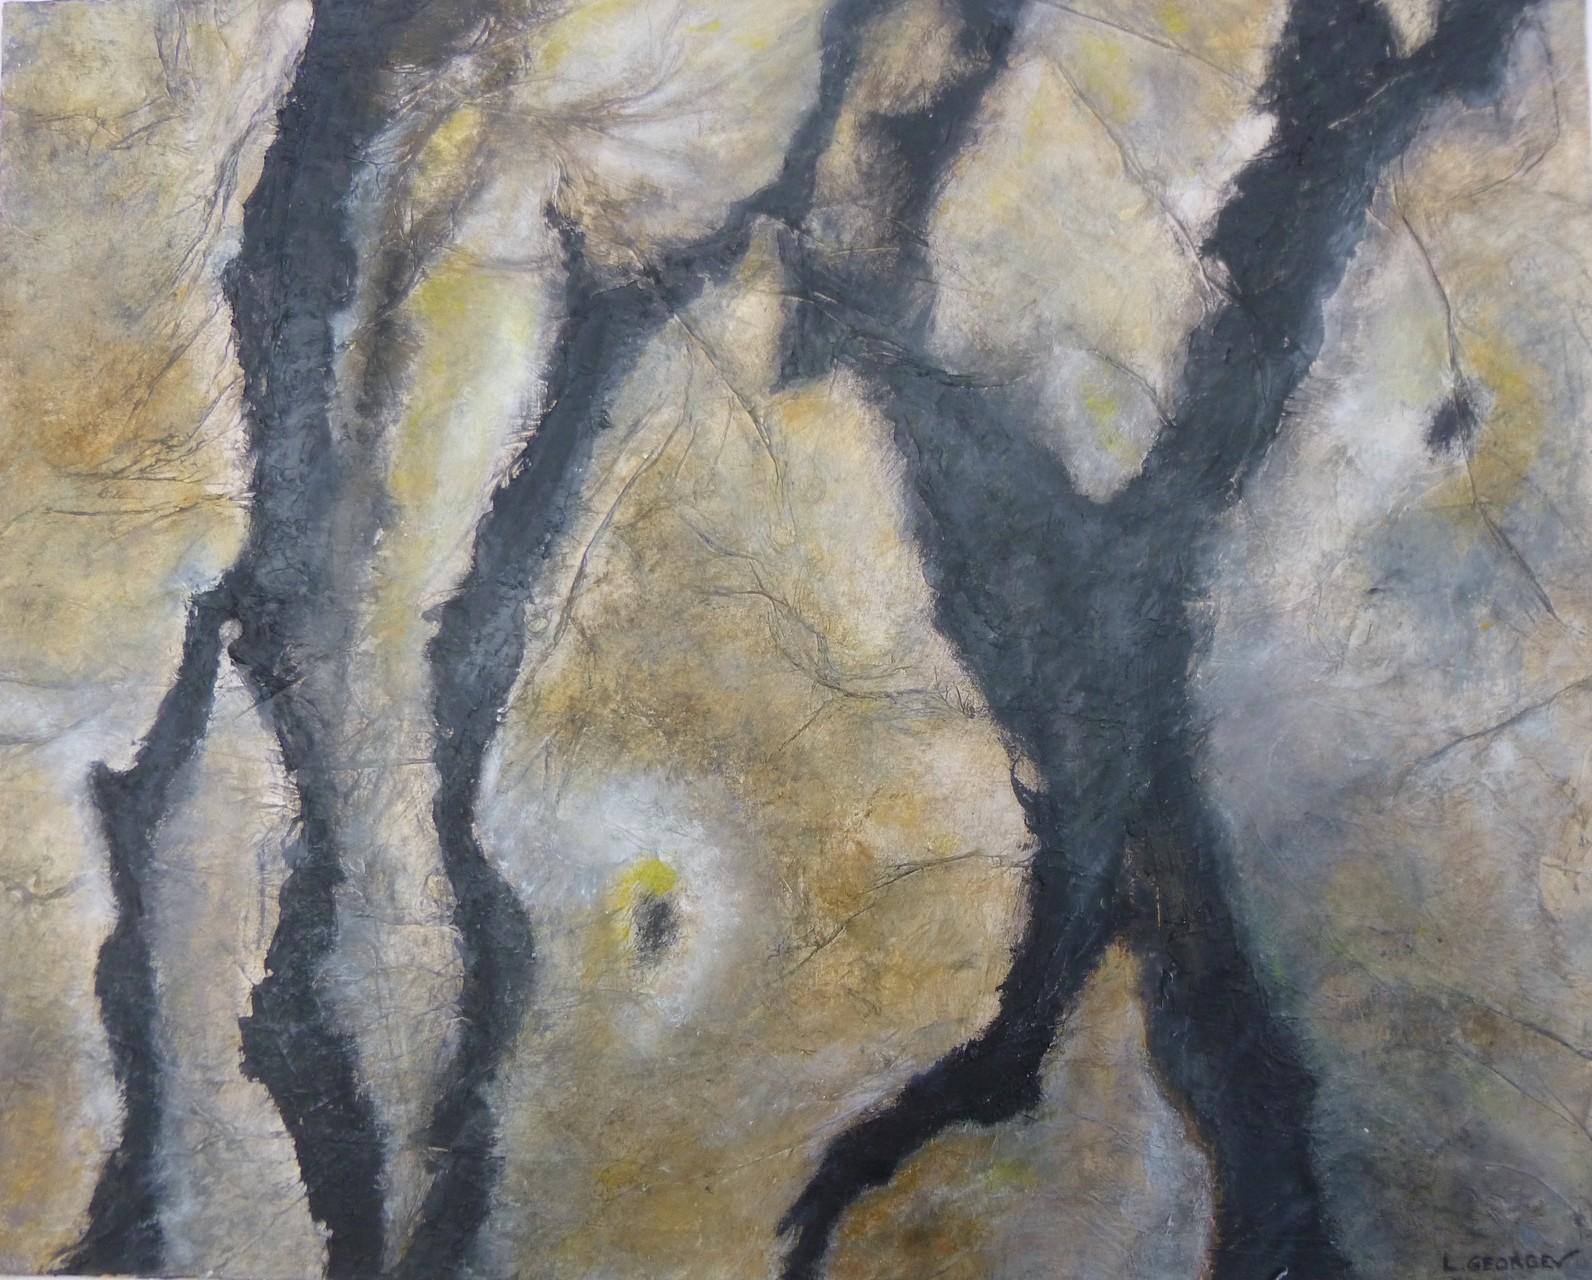 FRAGMENTS, techniques mixtes sur toile, 40x50cm